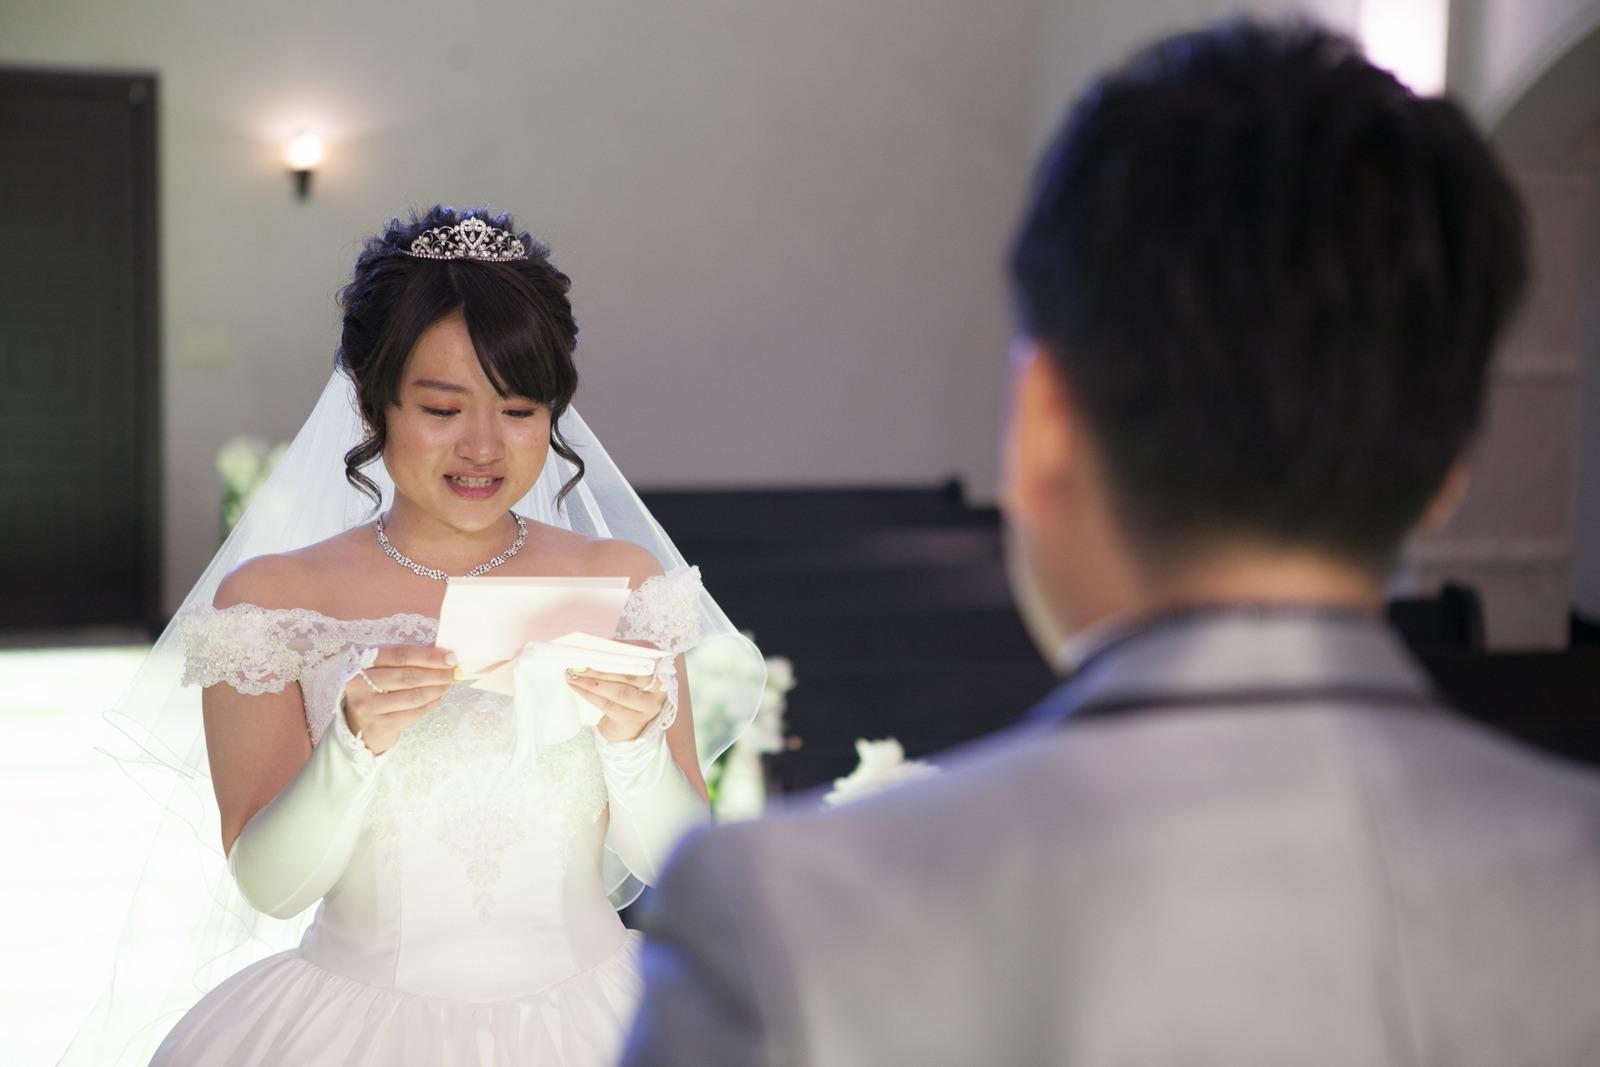 香川県の結婚式場シェルエメール&アイスタイル ファーストミート